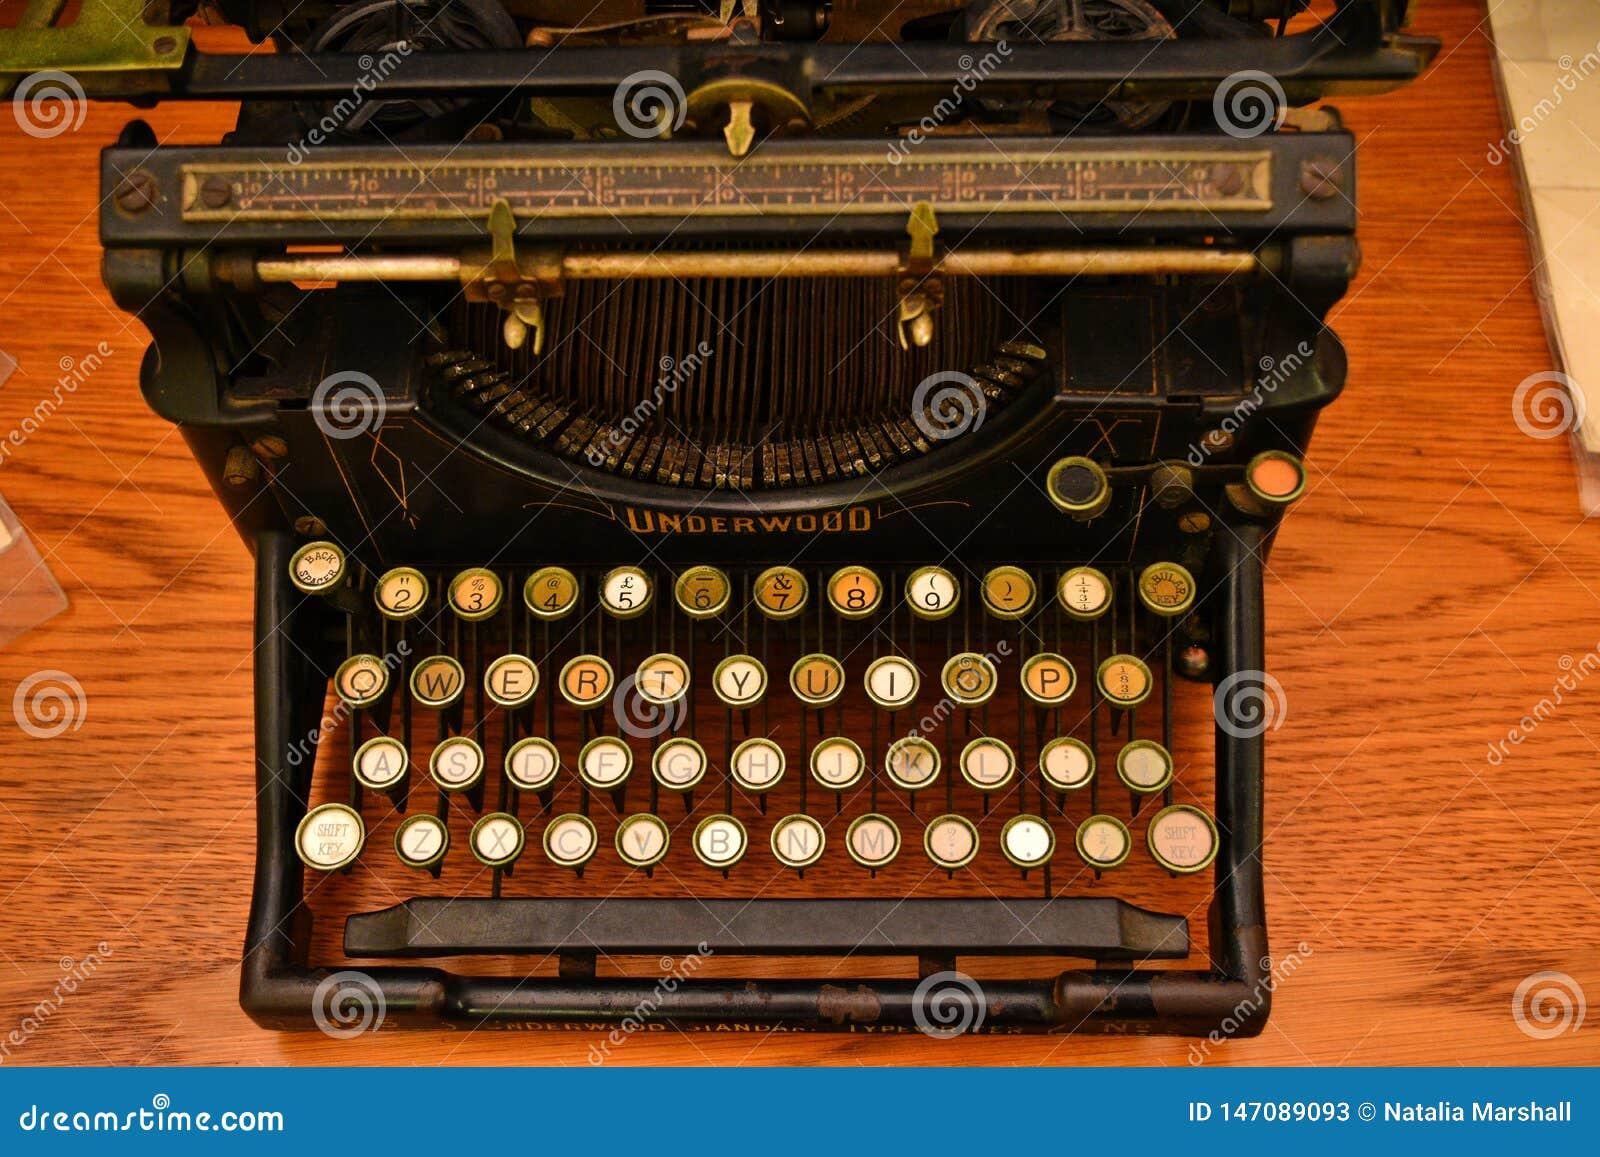 Παλαιά γραφομηχανή Underwood σε καλή λειτουργία Το Underwood παρήγαγε τι θεωρείται πρώτος ευρέως επιτυχής, σύγχρονος τύπος